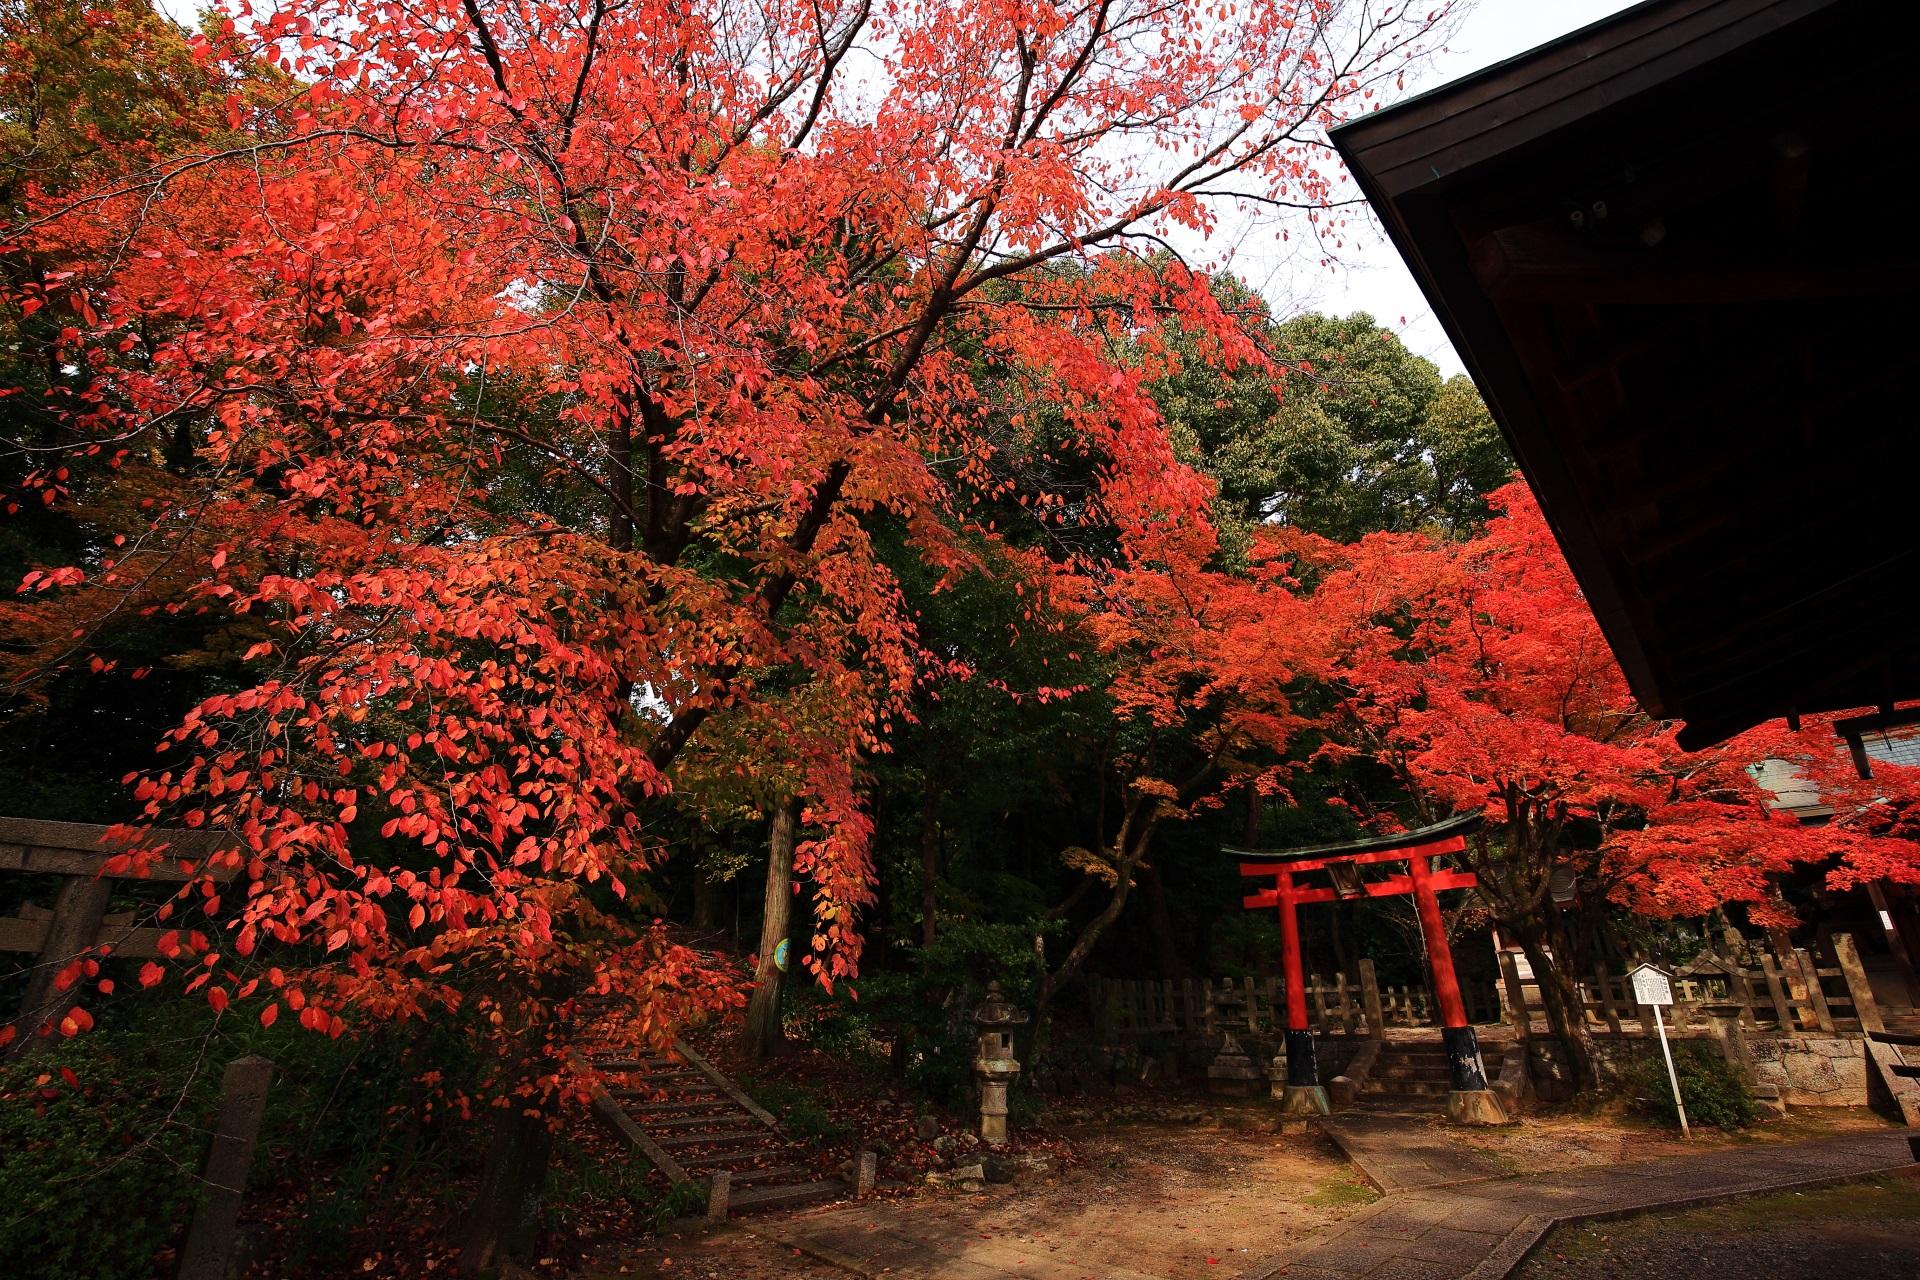 竹中稲荷神社の見事な発色の雄大で美しい桜の紅葉